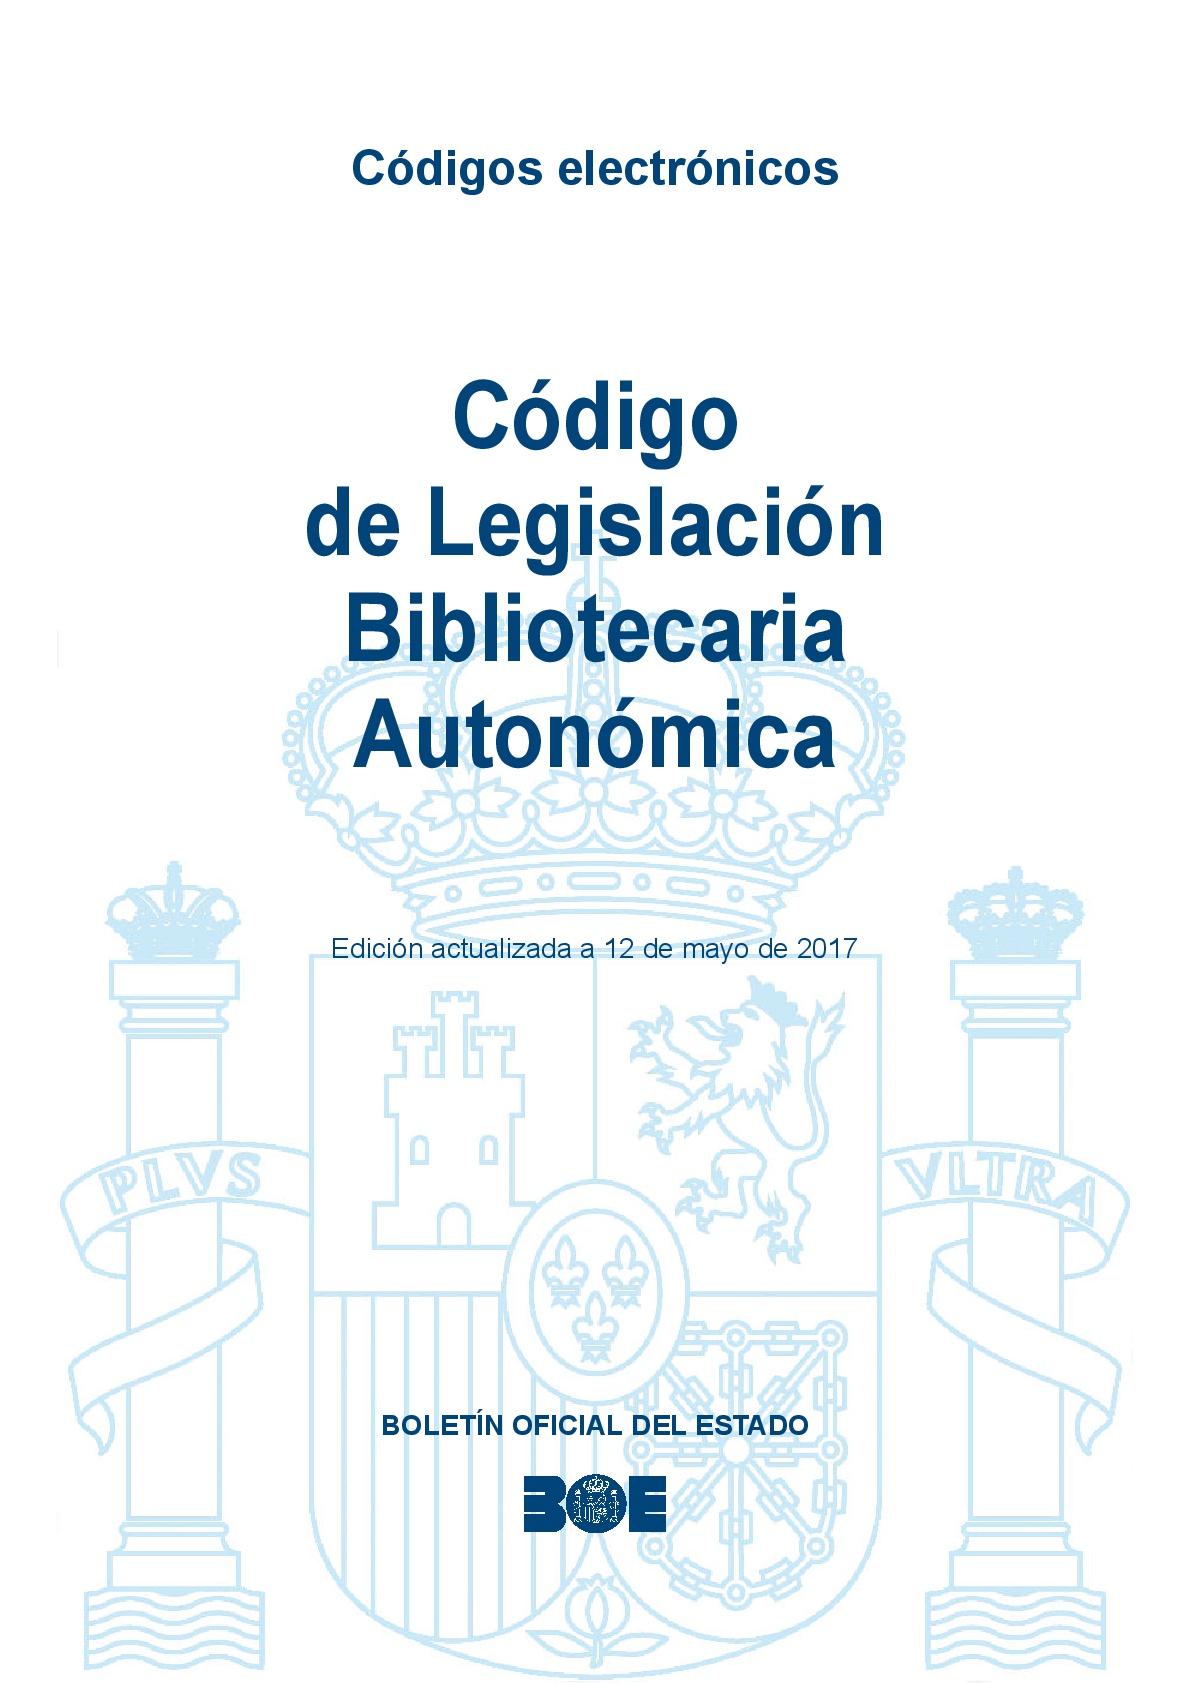 Código de legislación bibliotecaria autonómica 2017